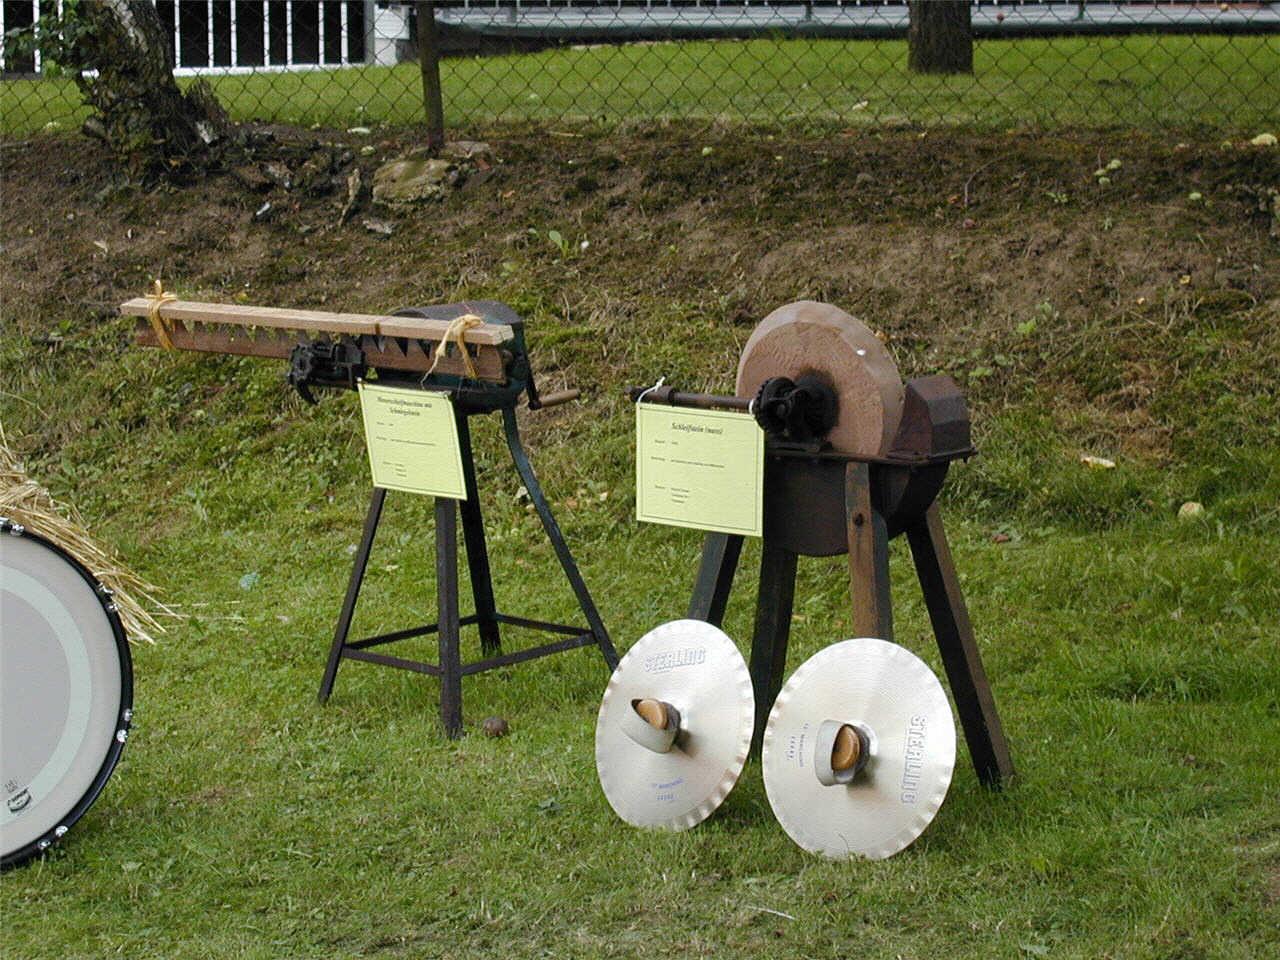 Alte Maschinen von links: Halbautomatischer Schleifstein für Mähmesser vom Balkenmähwerk, daneben ein Schleifstein aus Sandstein. (© Detlef Battefeld)